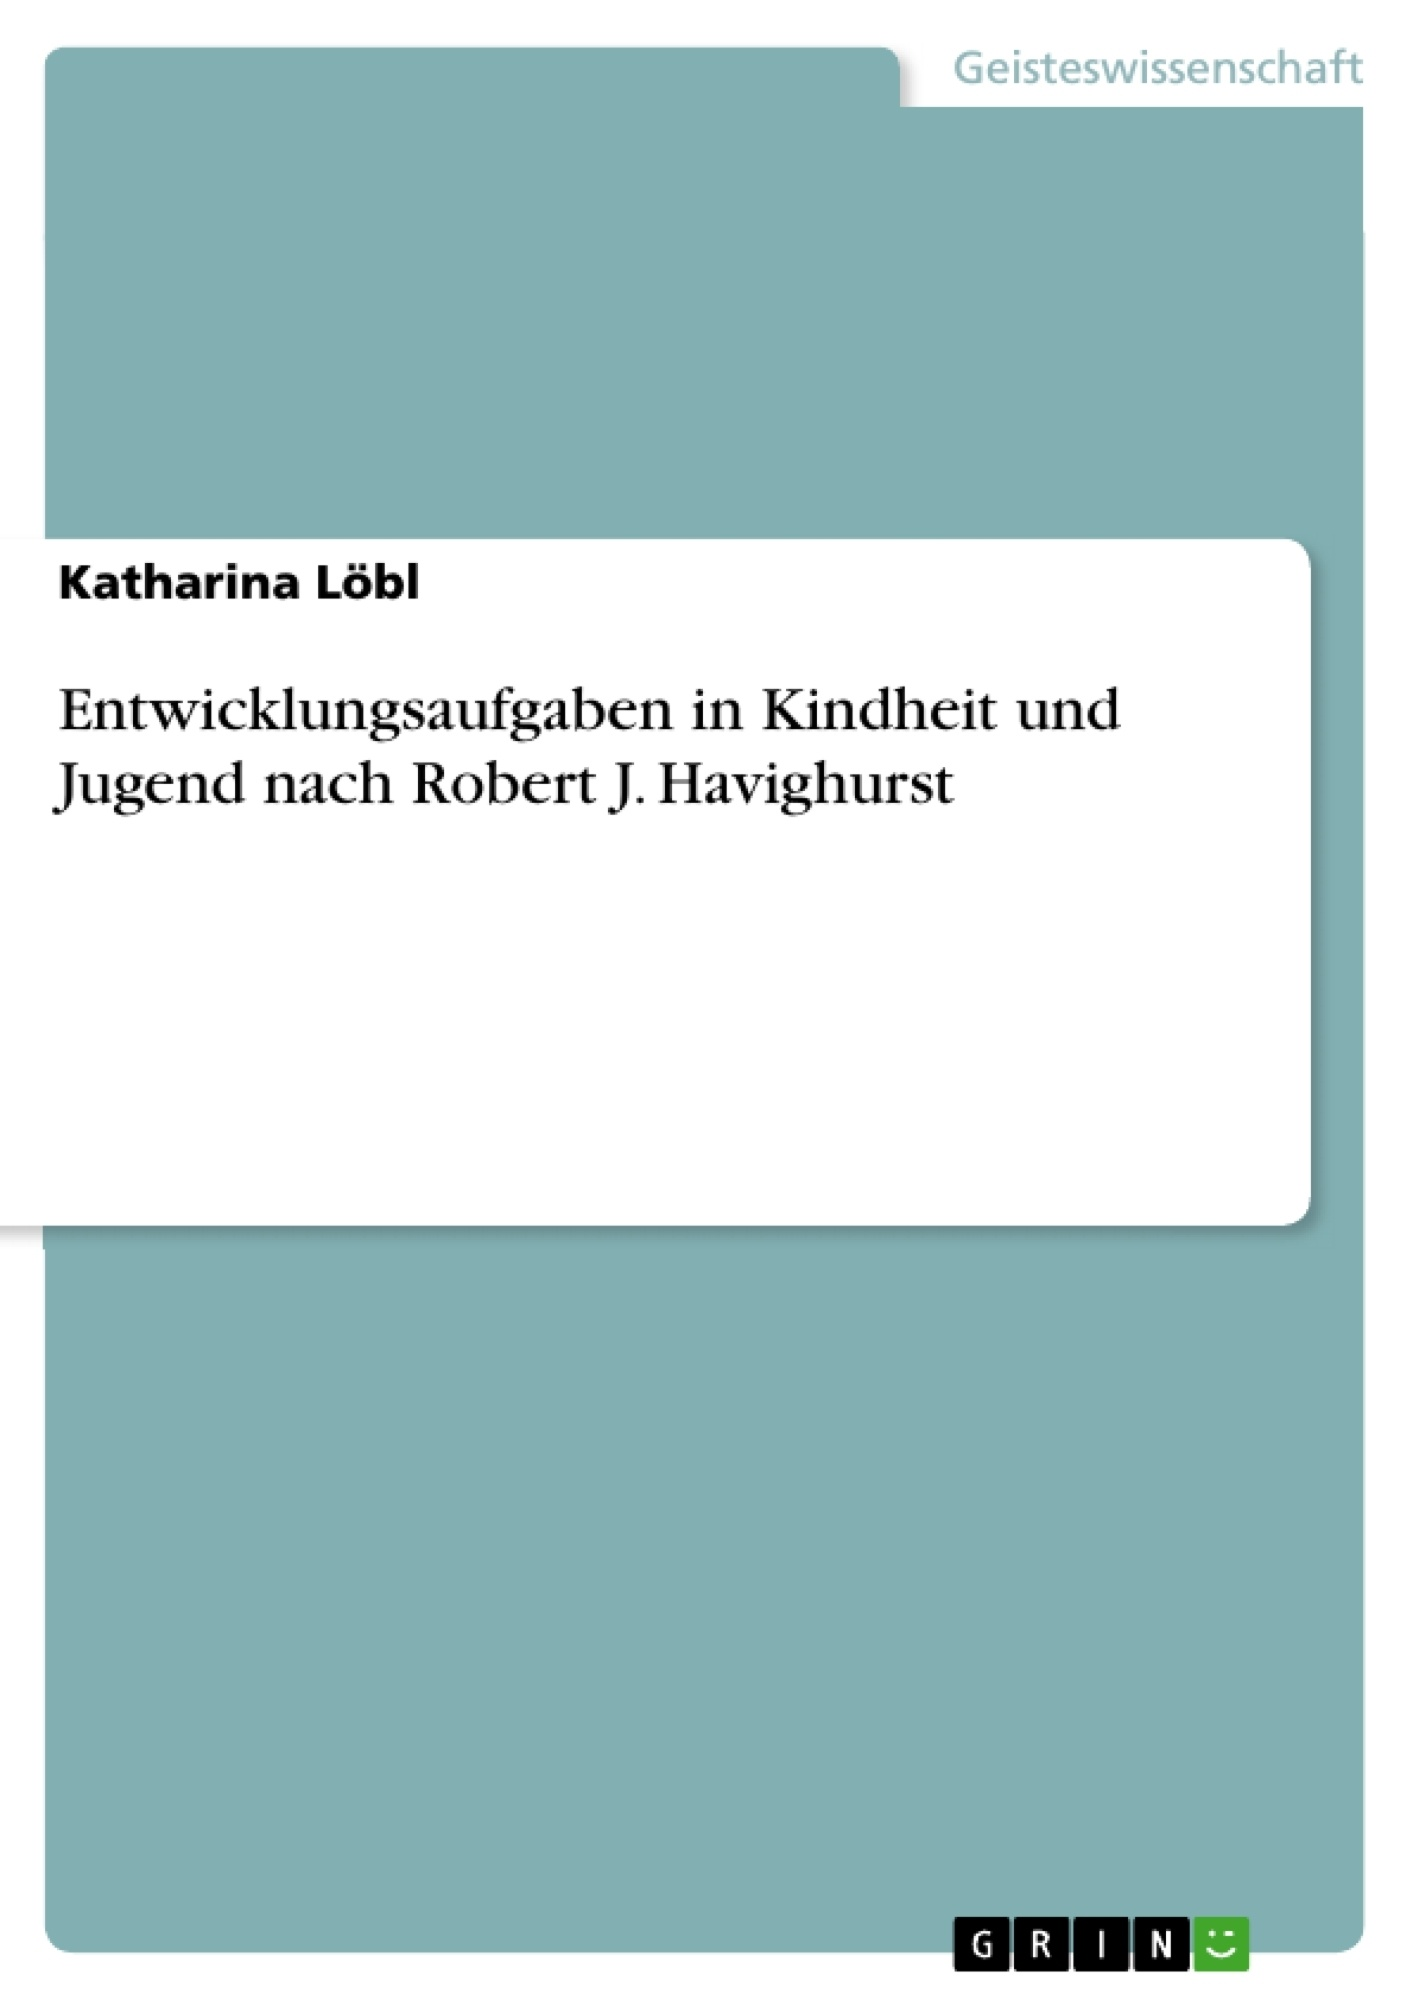 Titel: Entwicklungsaufgaben in Kindheit und Jugend nach Robert J. Havighurst